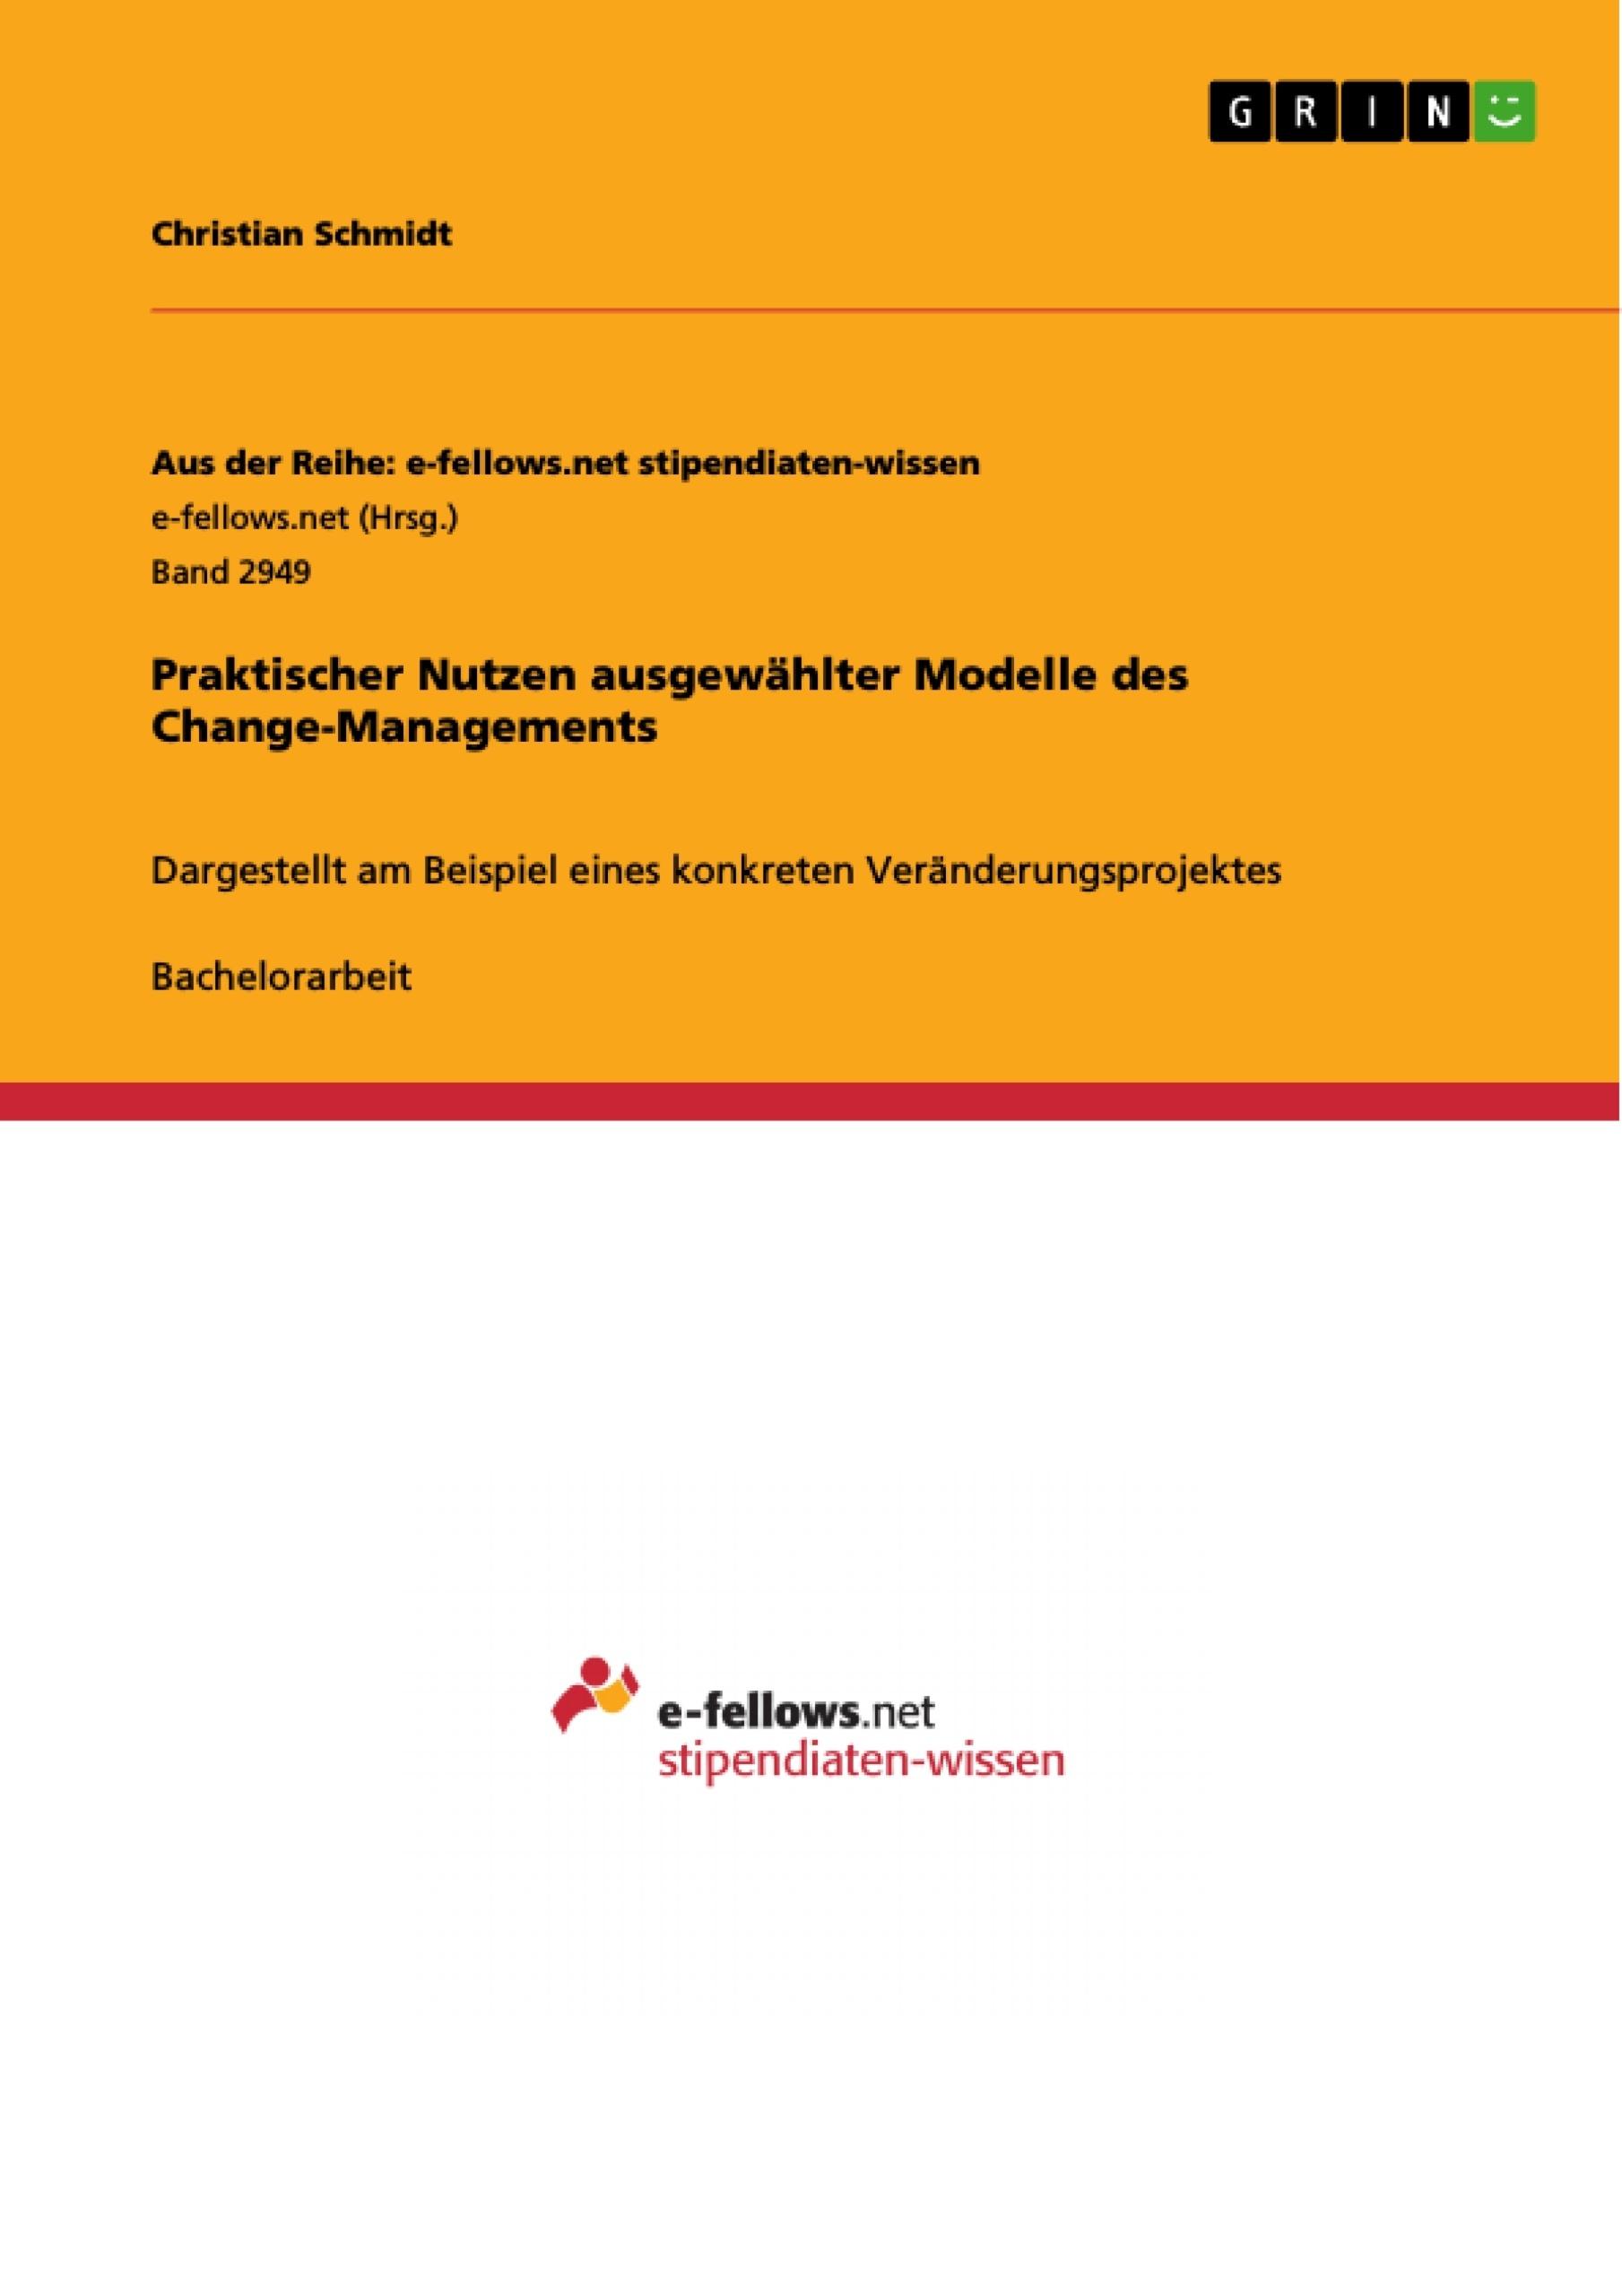 Titel: Praktischer Nutzen ausgewählter Modelle des Change-Managements